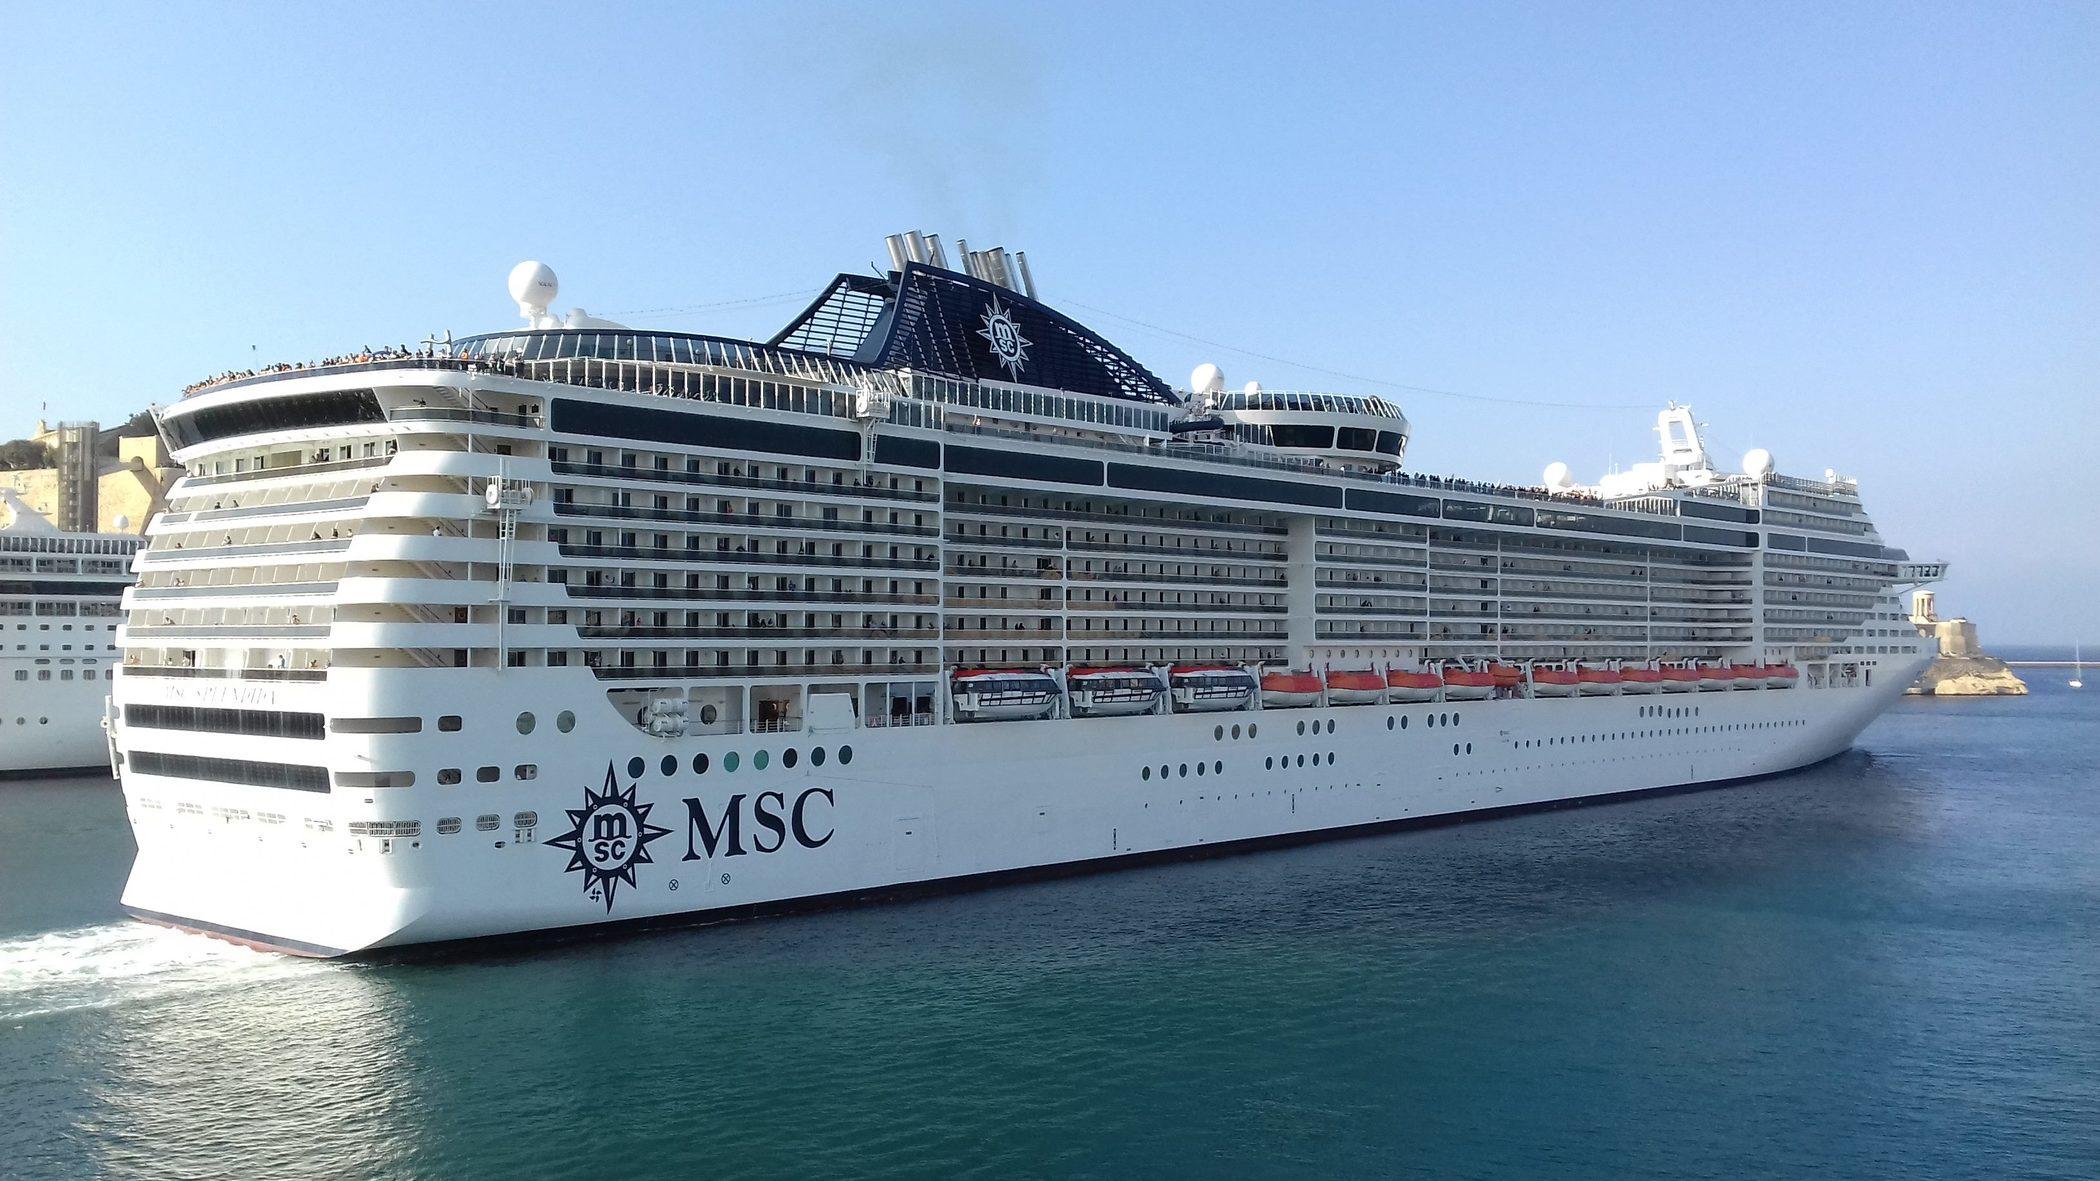 MSC Splendida - MSC Splendida - Shipfriends